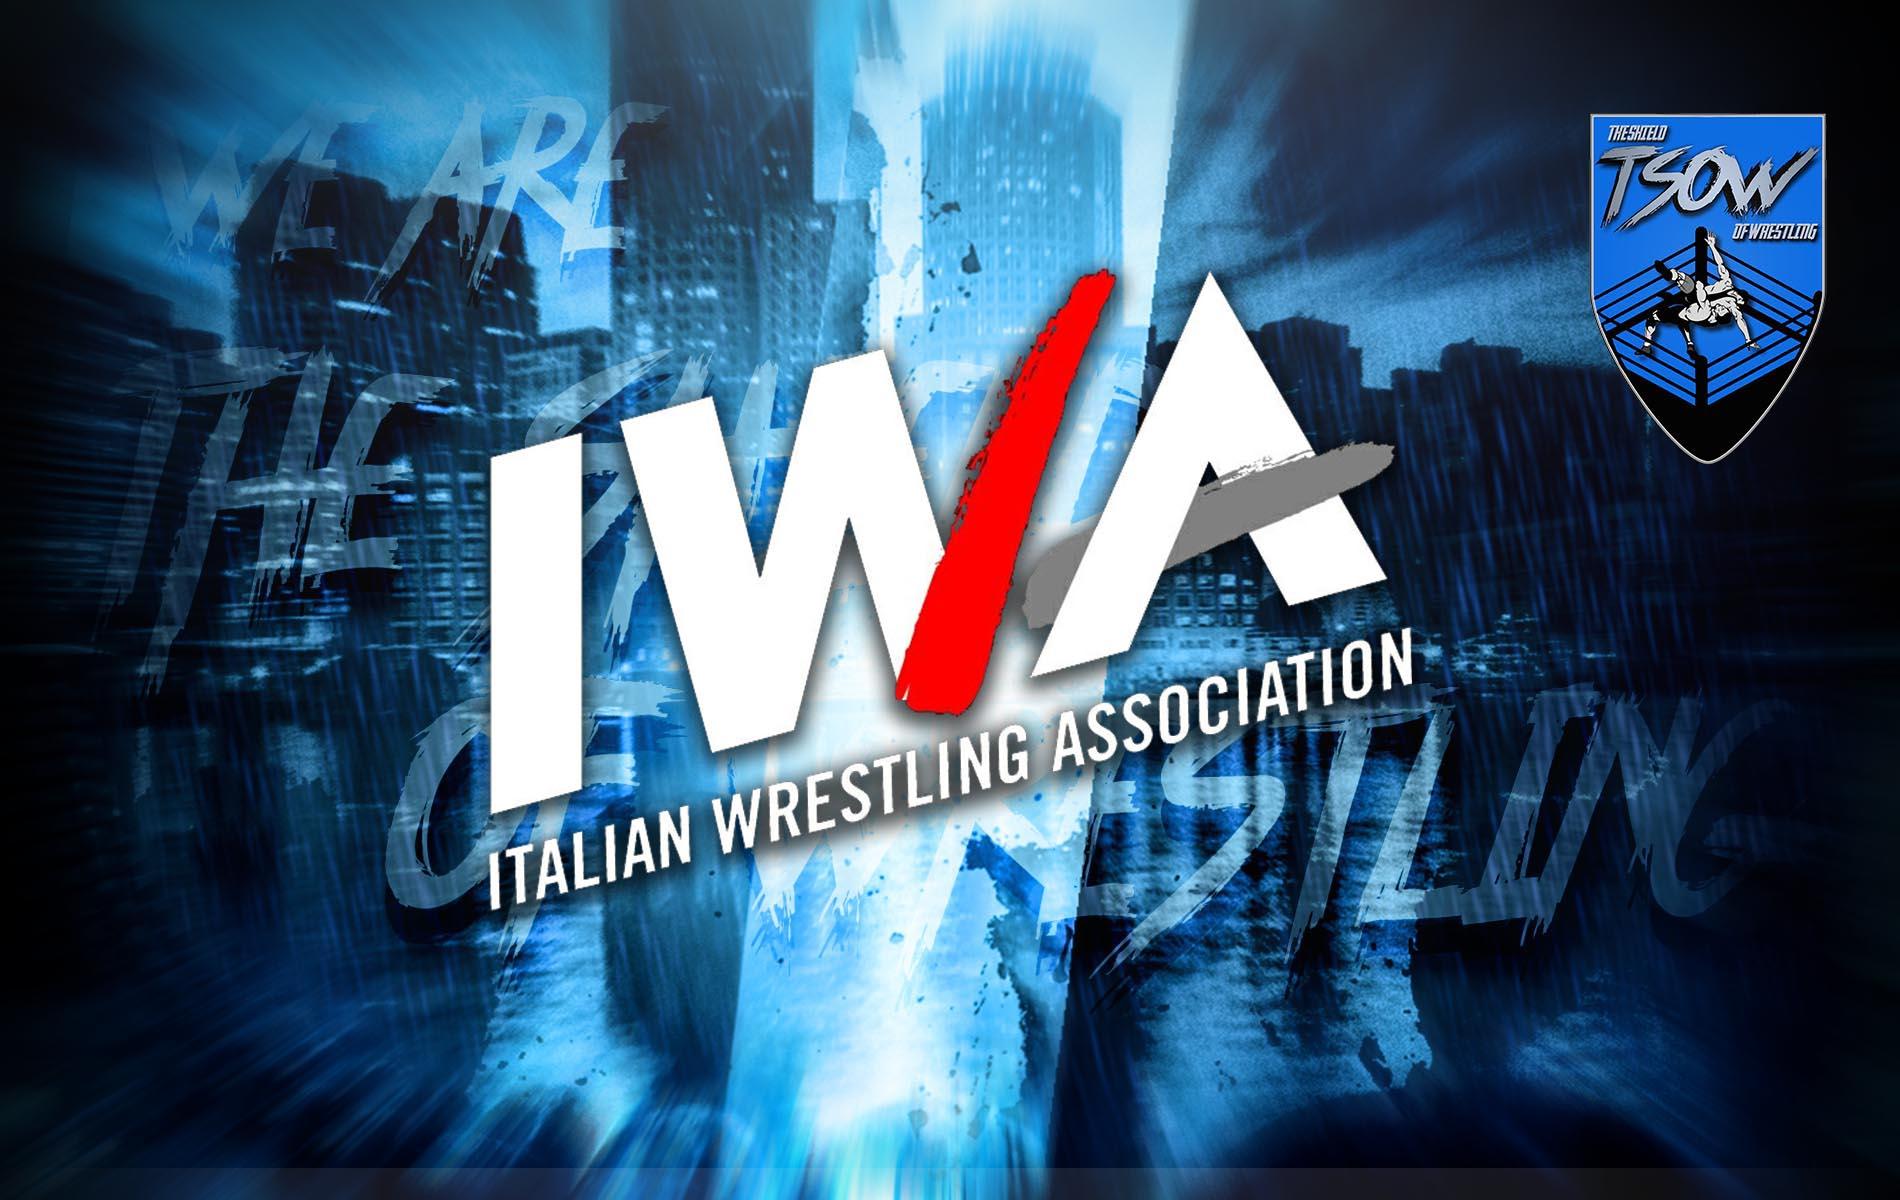 Max Peach infortunato: IWA rende vacante il Titolo Italiano Pesi Massimi